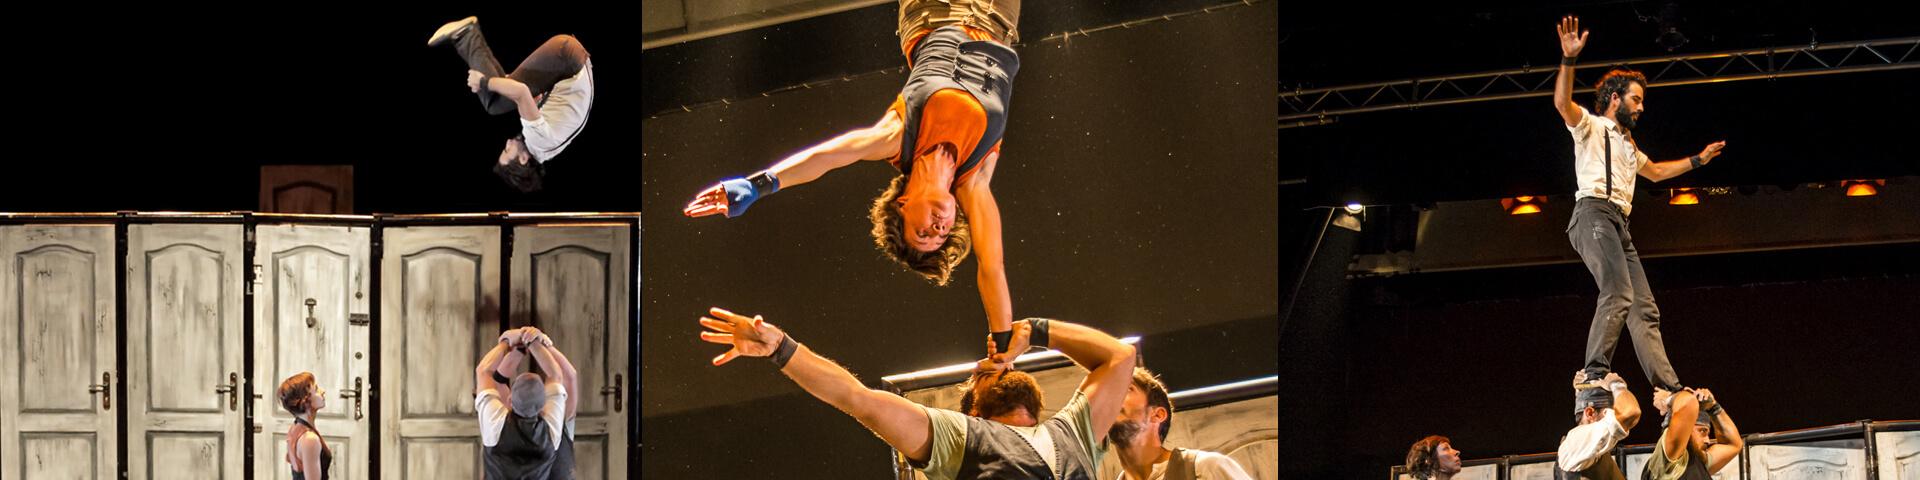 Espectáculo Emportats Compañía de circo La Trócola Circ